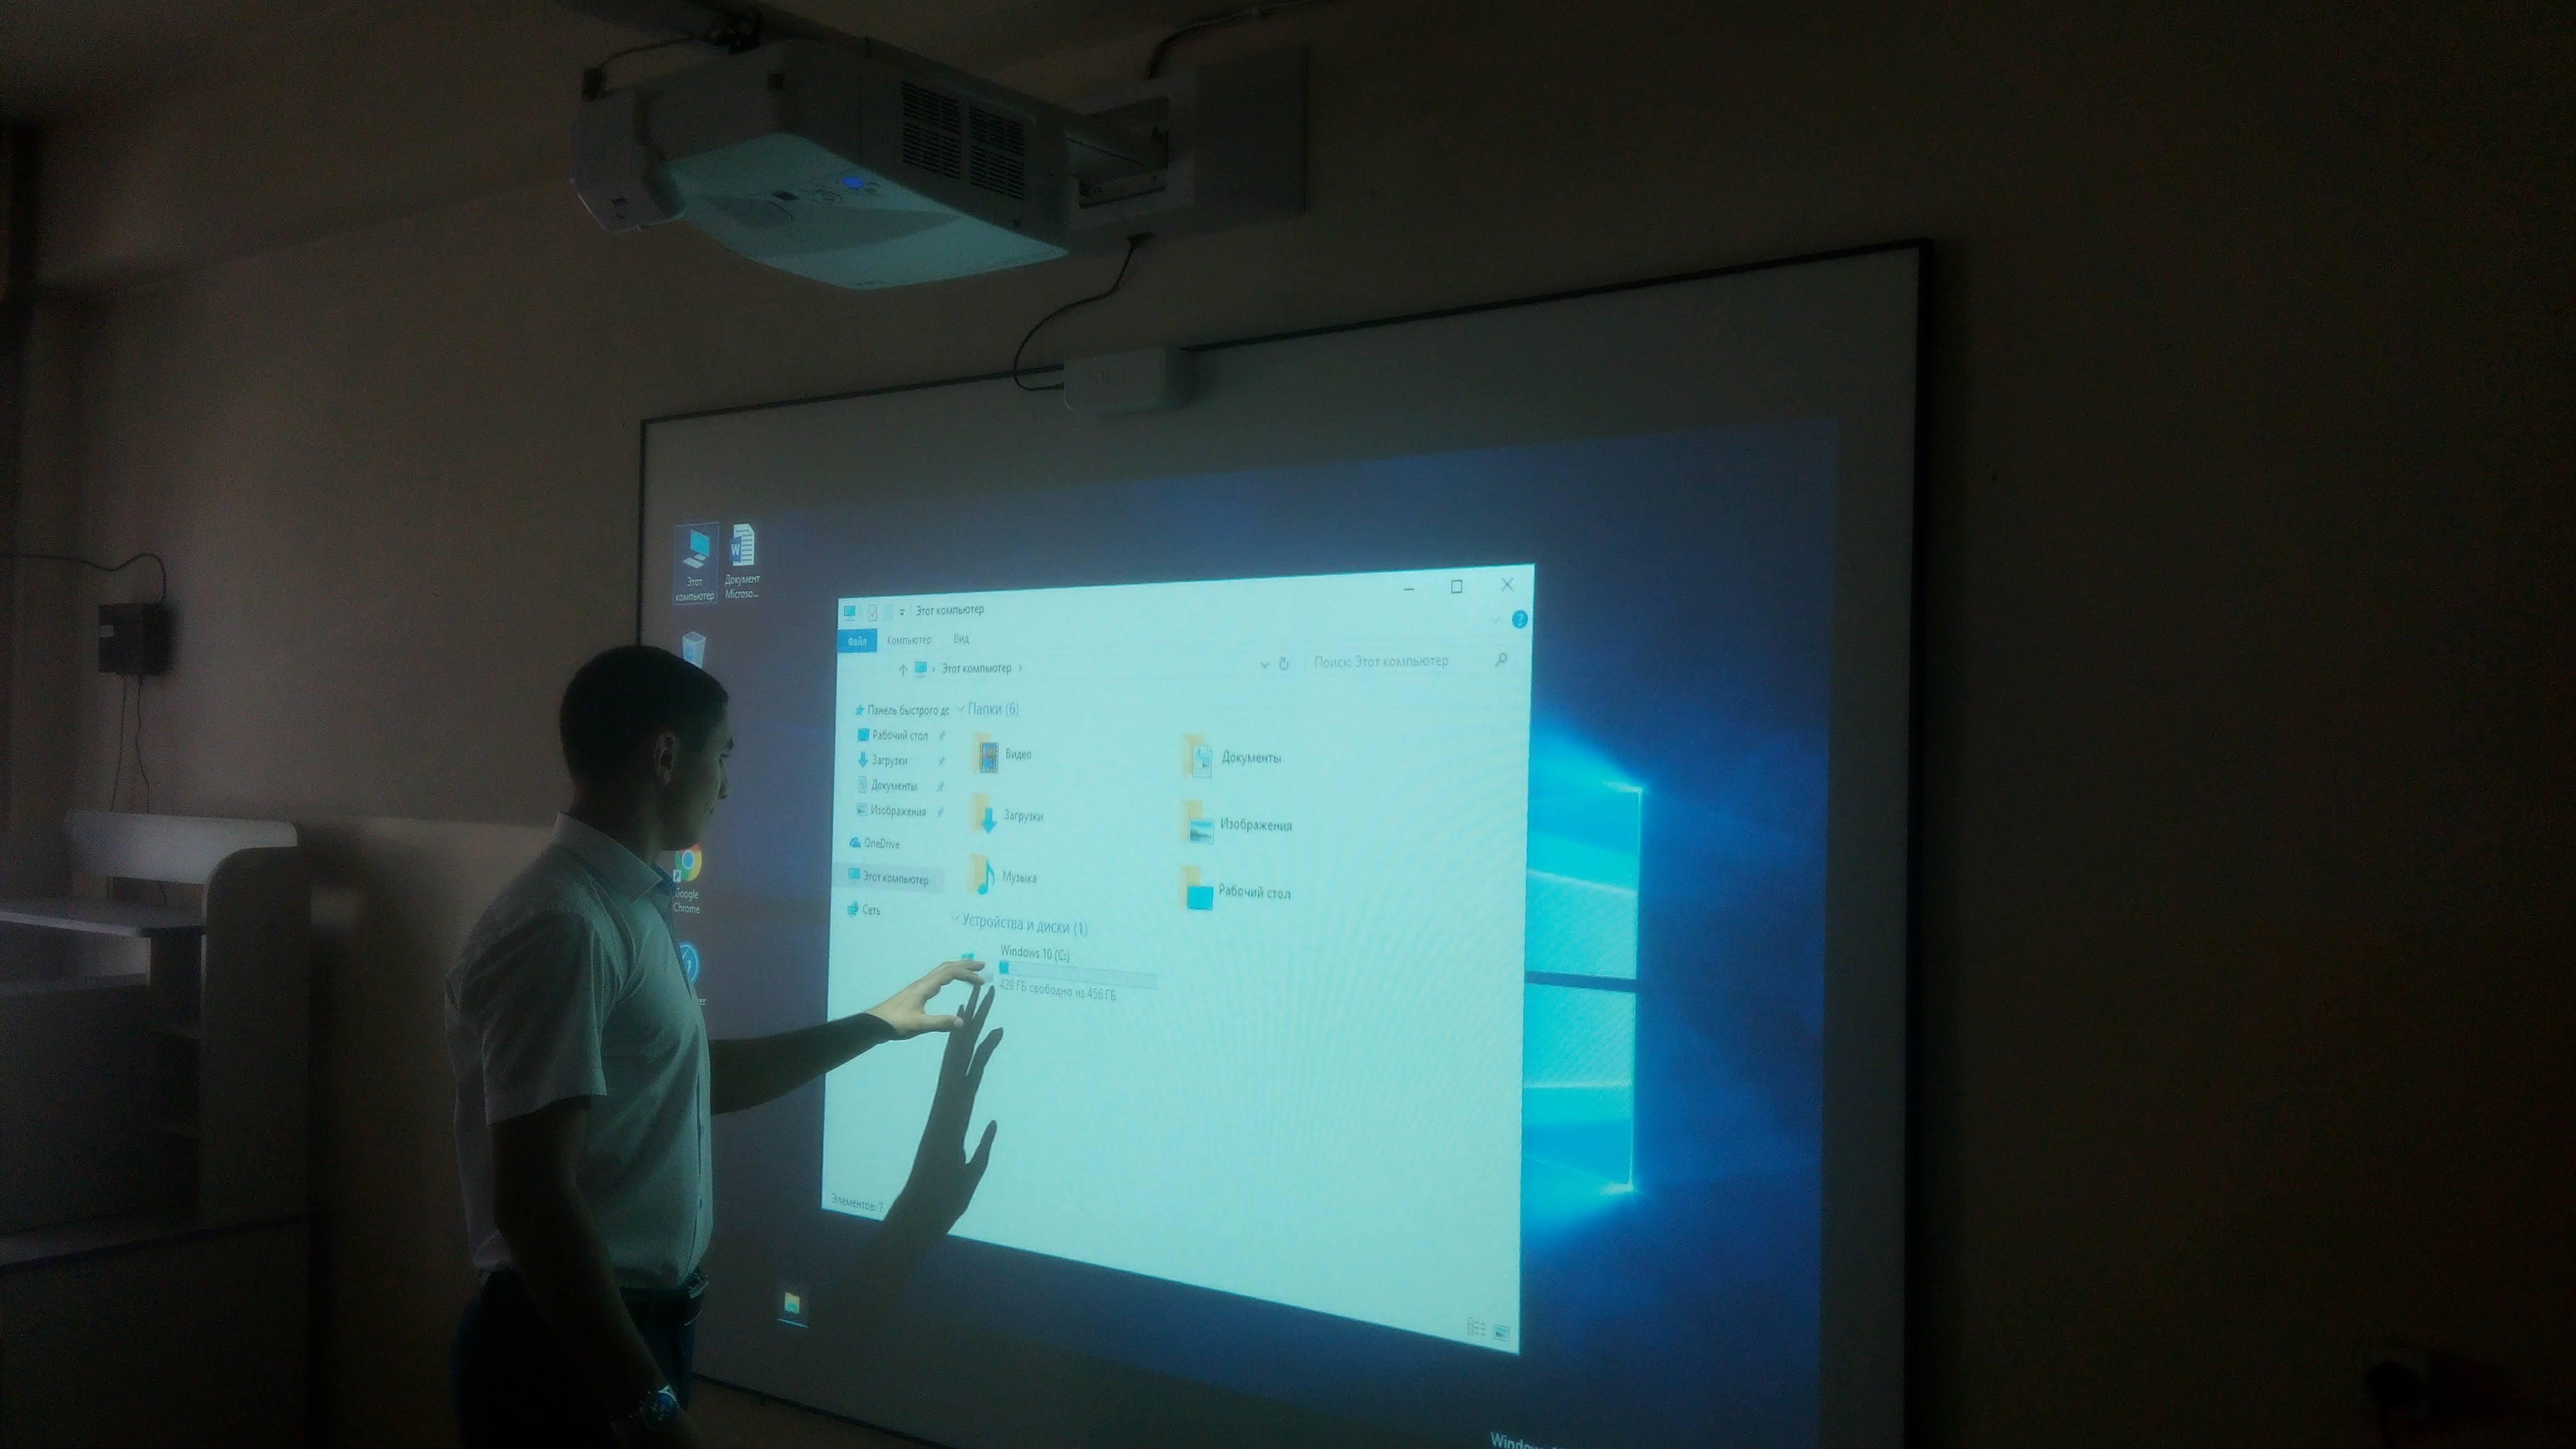 Կոնվերս Բանկ․ Բարելավվել են Գյումրու երկու դպրոցի կրթական պայմանները